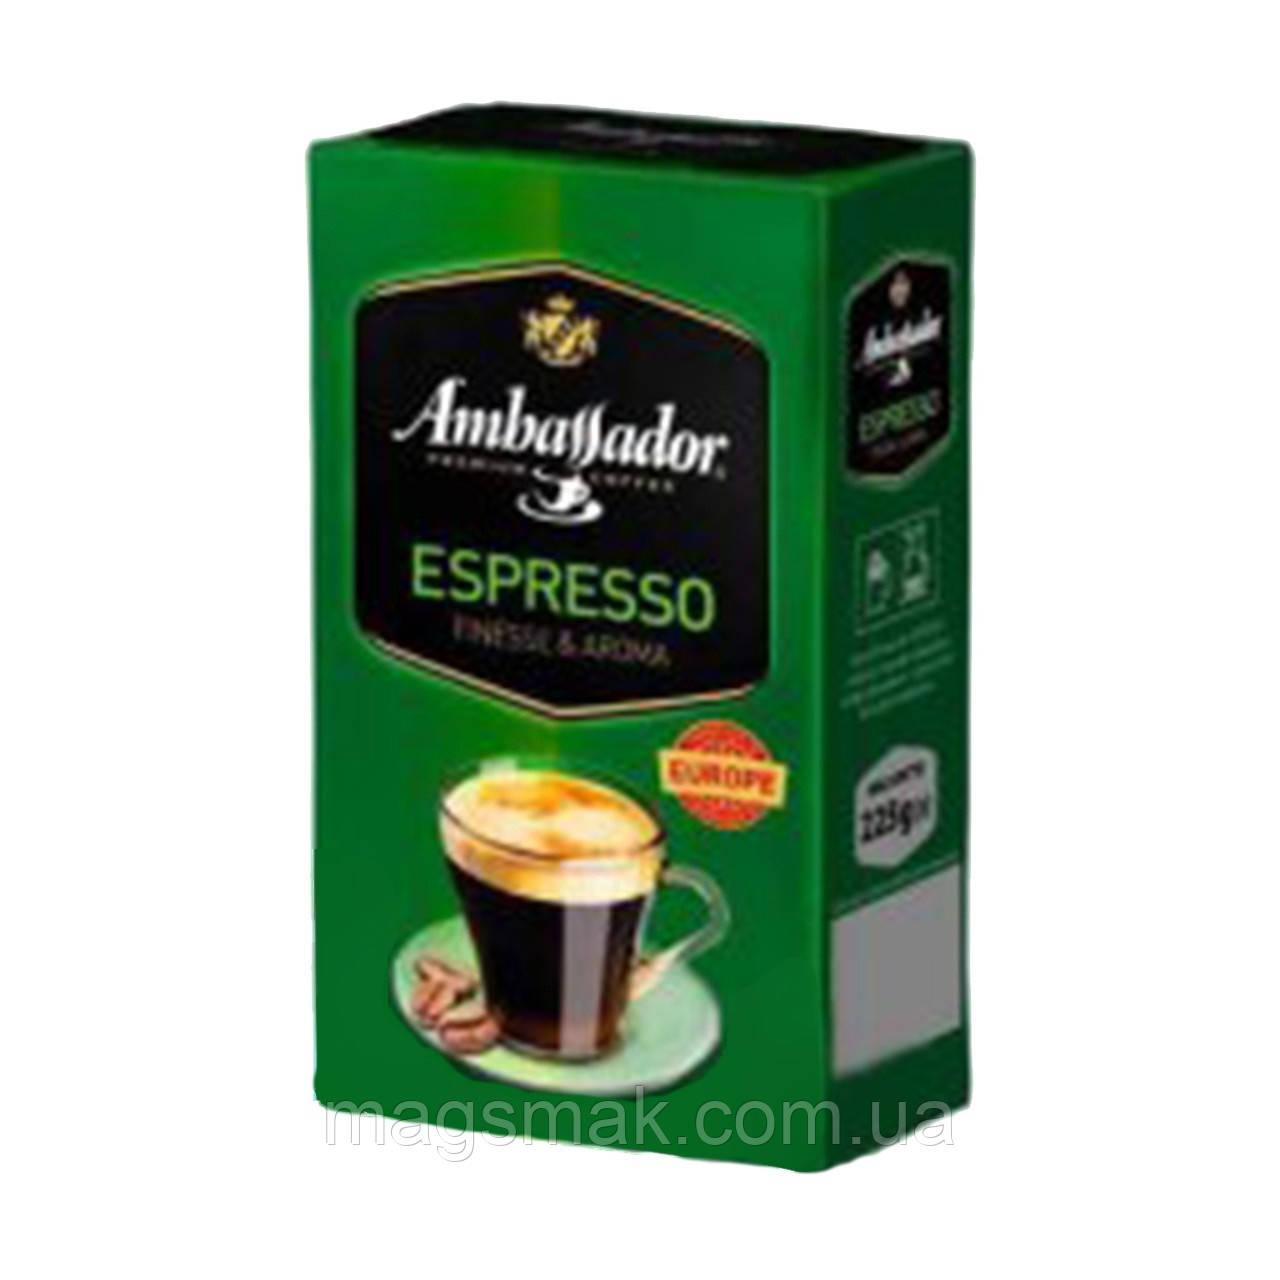 Молотый кофе Ambassador Espresso 225 г